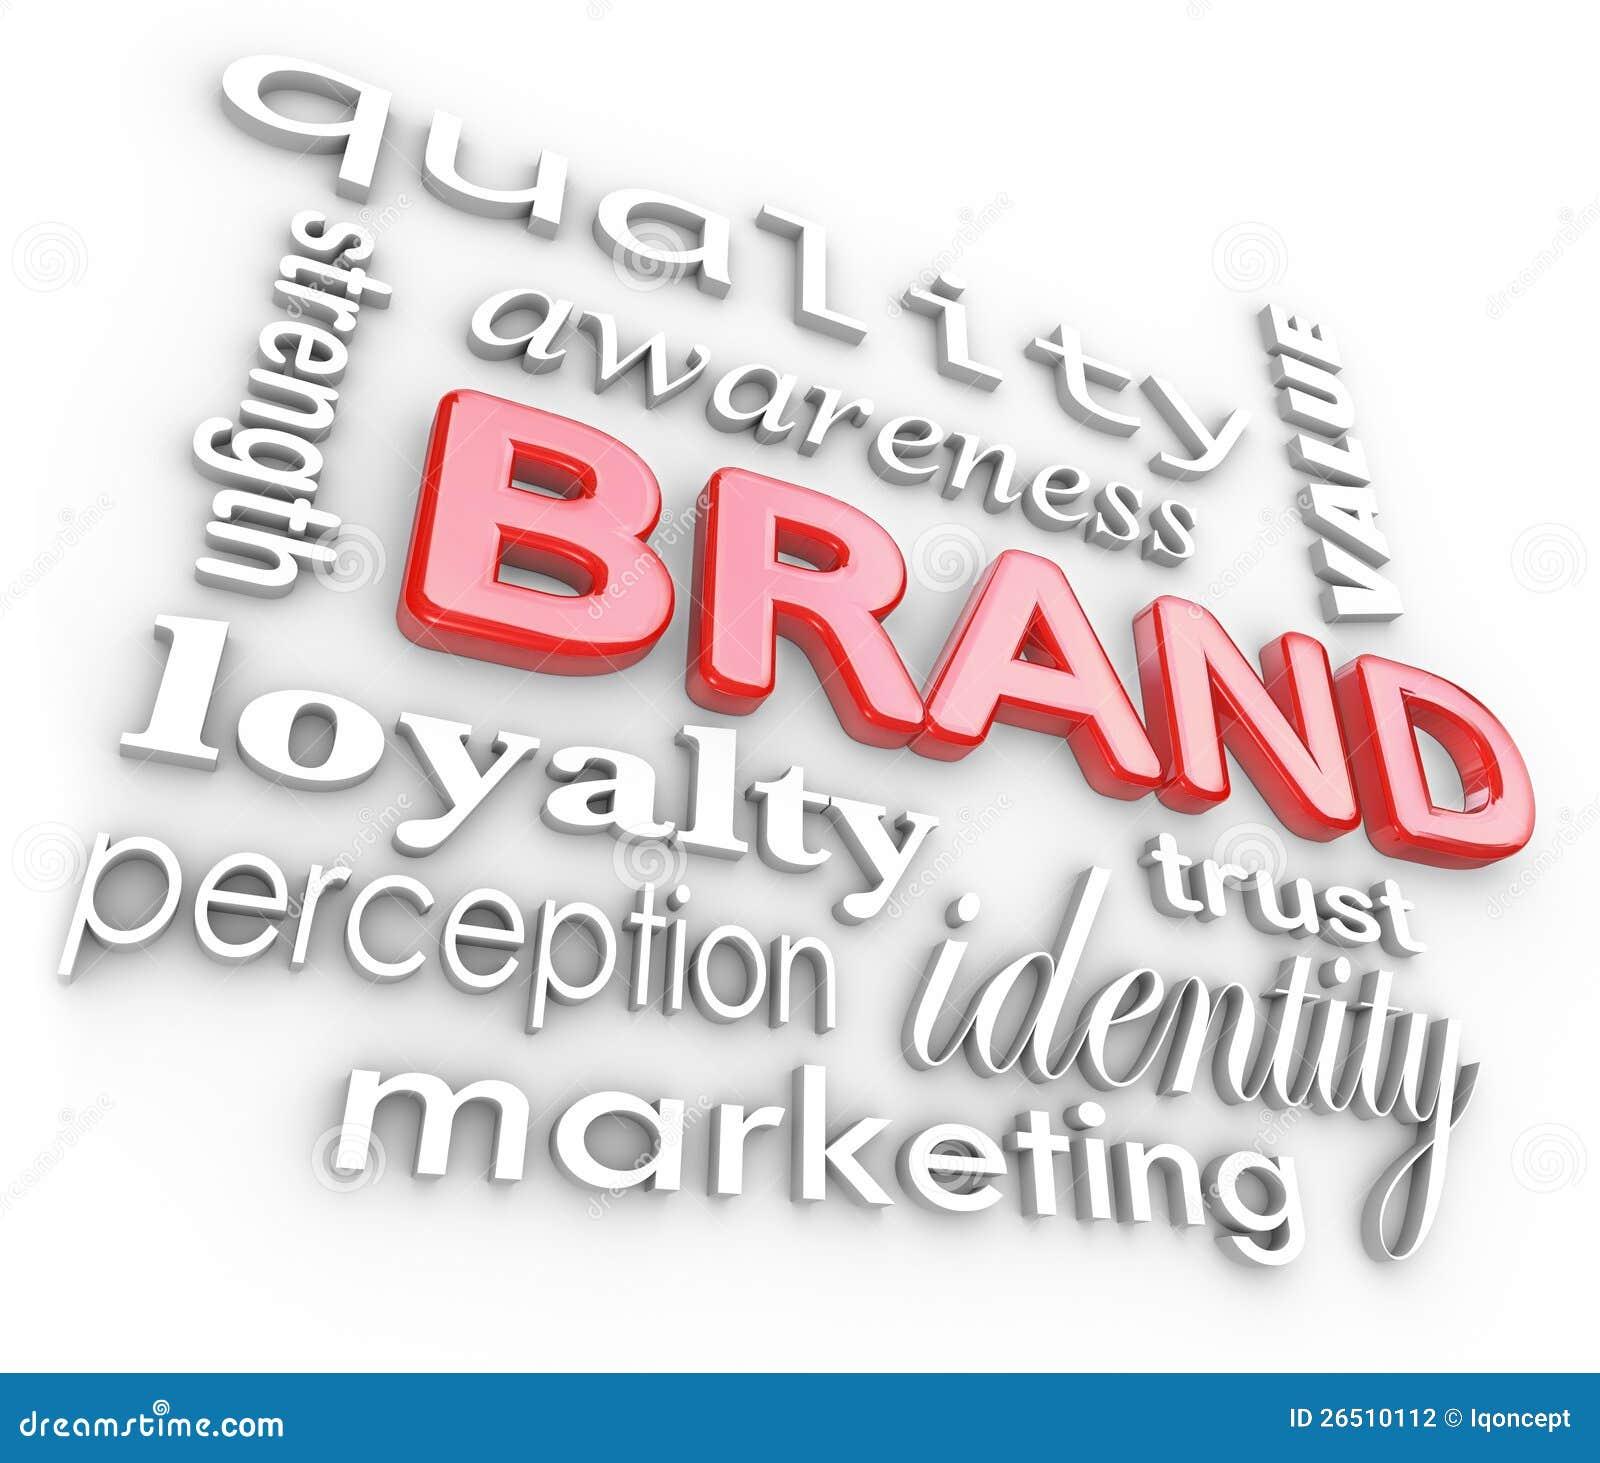 Маркетинг тавра формулирует затаврить верноподданности осведомленности